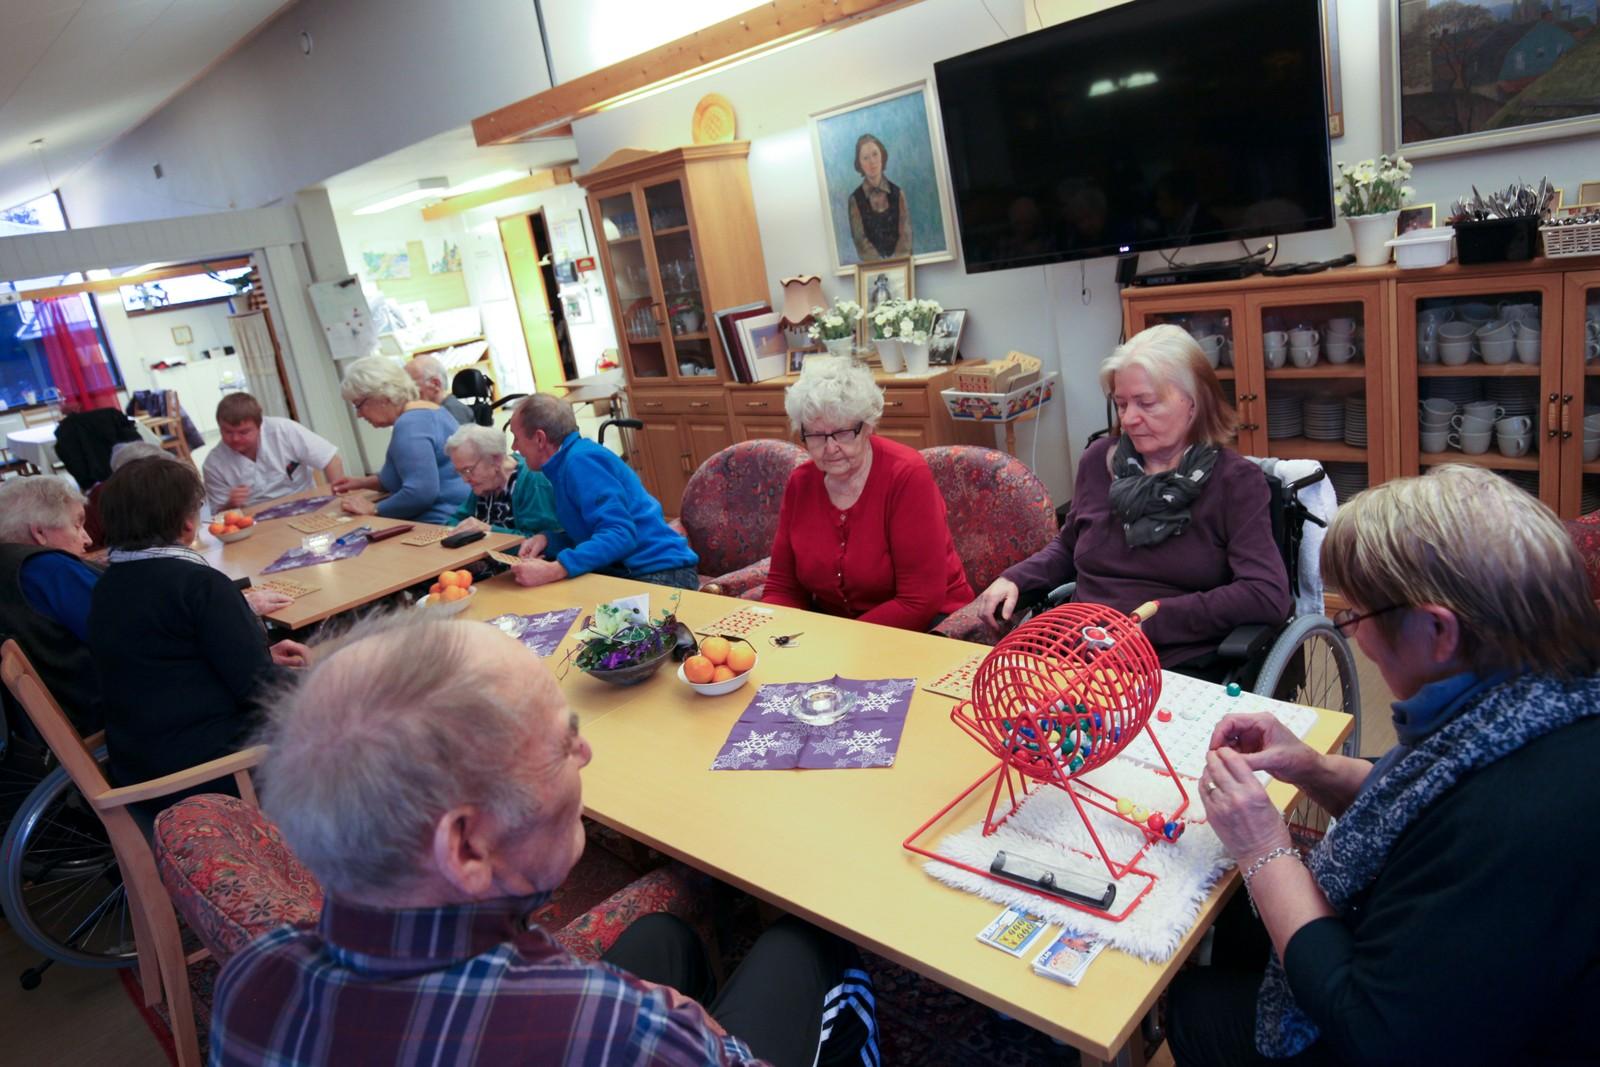 Å stille opp for hverandre, er noe som kjennetegner kommunen, sier flere innbyggere til NRK.